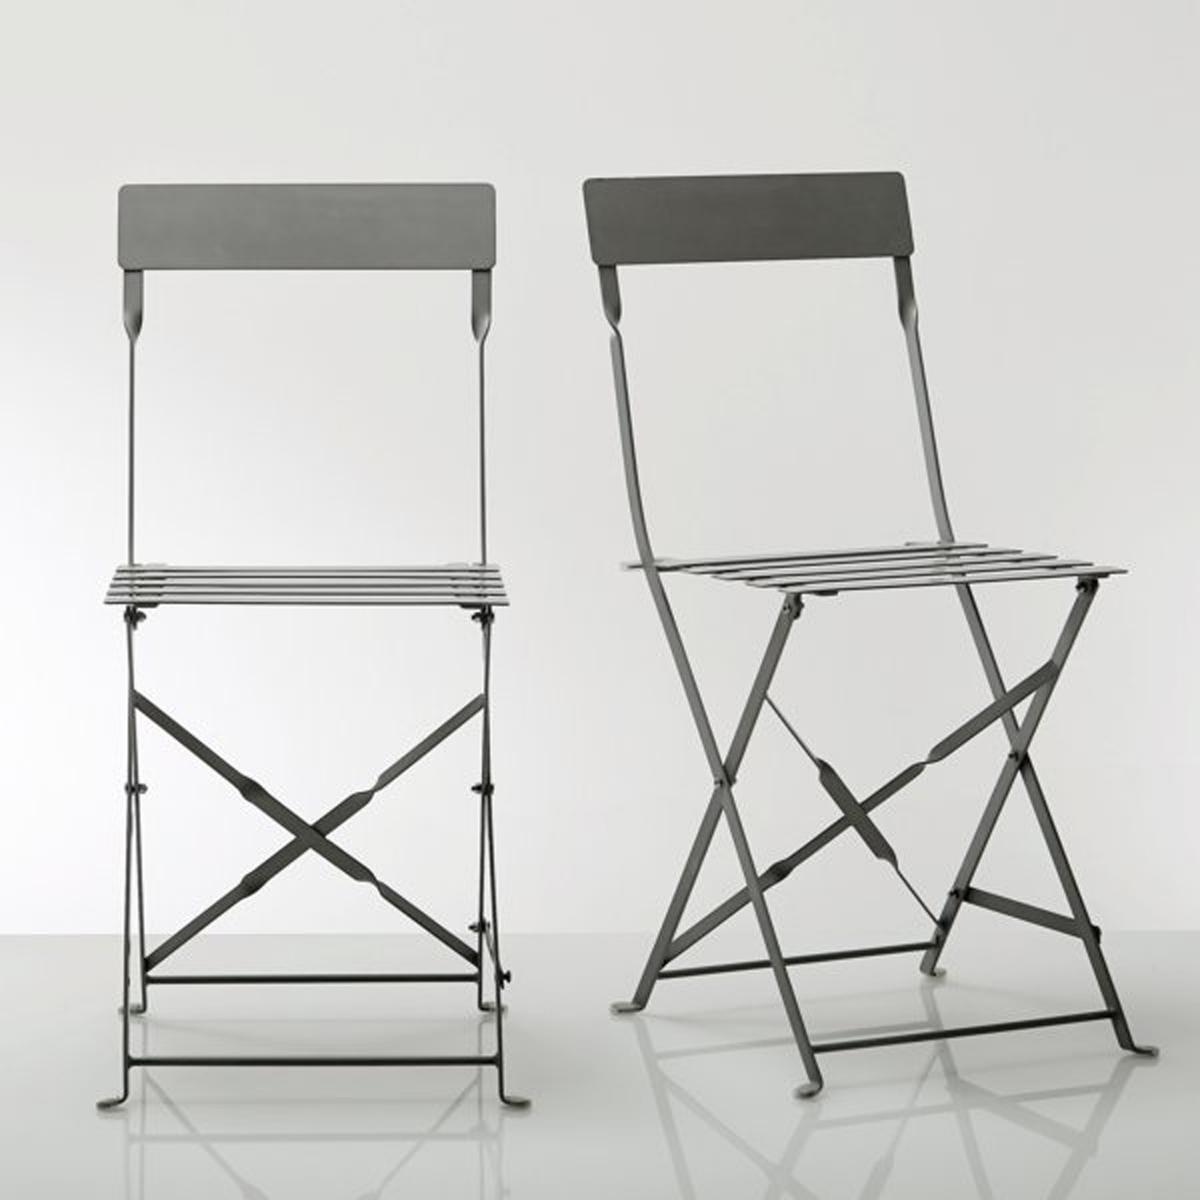 2 стула складных из металлаХарактеристики складного стула из металла:- Из металла с цветным лаковым покрытием.- Эпоксидное покрытие.- Дощатое сиденье.Стулья доставляются в собранном виде.                                       Размеры :- Общие : 38 x 83 x 45 см .                                                                        В комплекте 2 чехла одного цвета.                                                                                                                              Идея для декора :Не бойтесь смешивать разные цвета. Это будет выглядеть очень стильно и весело! Прекрасное решение для поддержания отличного настроения в течение всего года.                                                                        *Металл прошел антикоррозийную обработку и покрыт эпоксидной эмалью, что делает его устойчивым к ржавчине и неблагоприятным погодным условиям. Легкий, удобен в транспортировке и сборке.<br><br>Цвет: серый